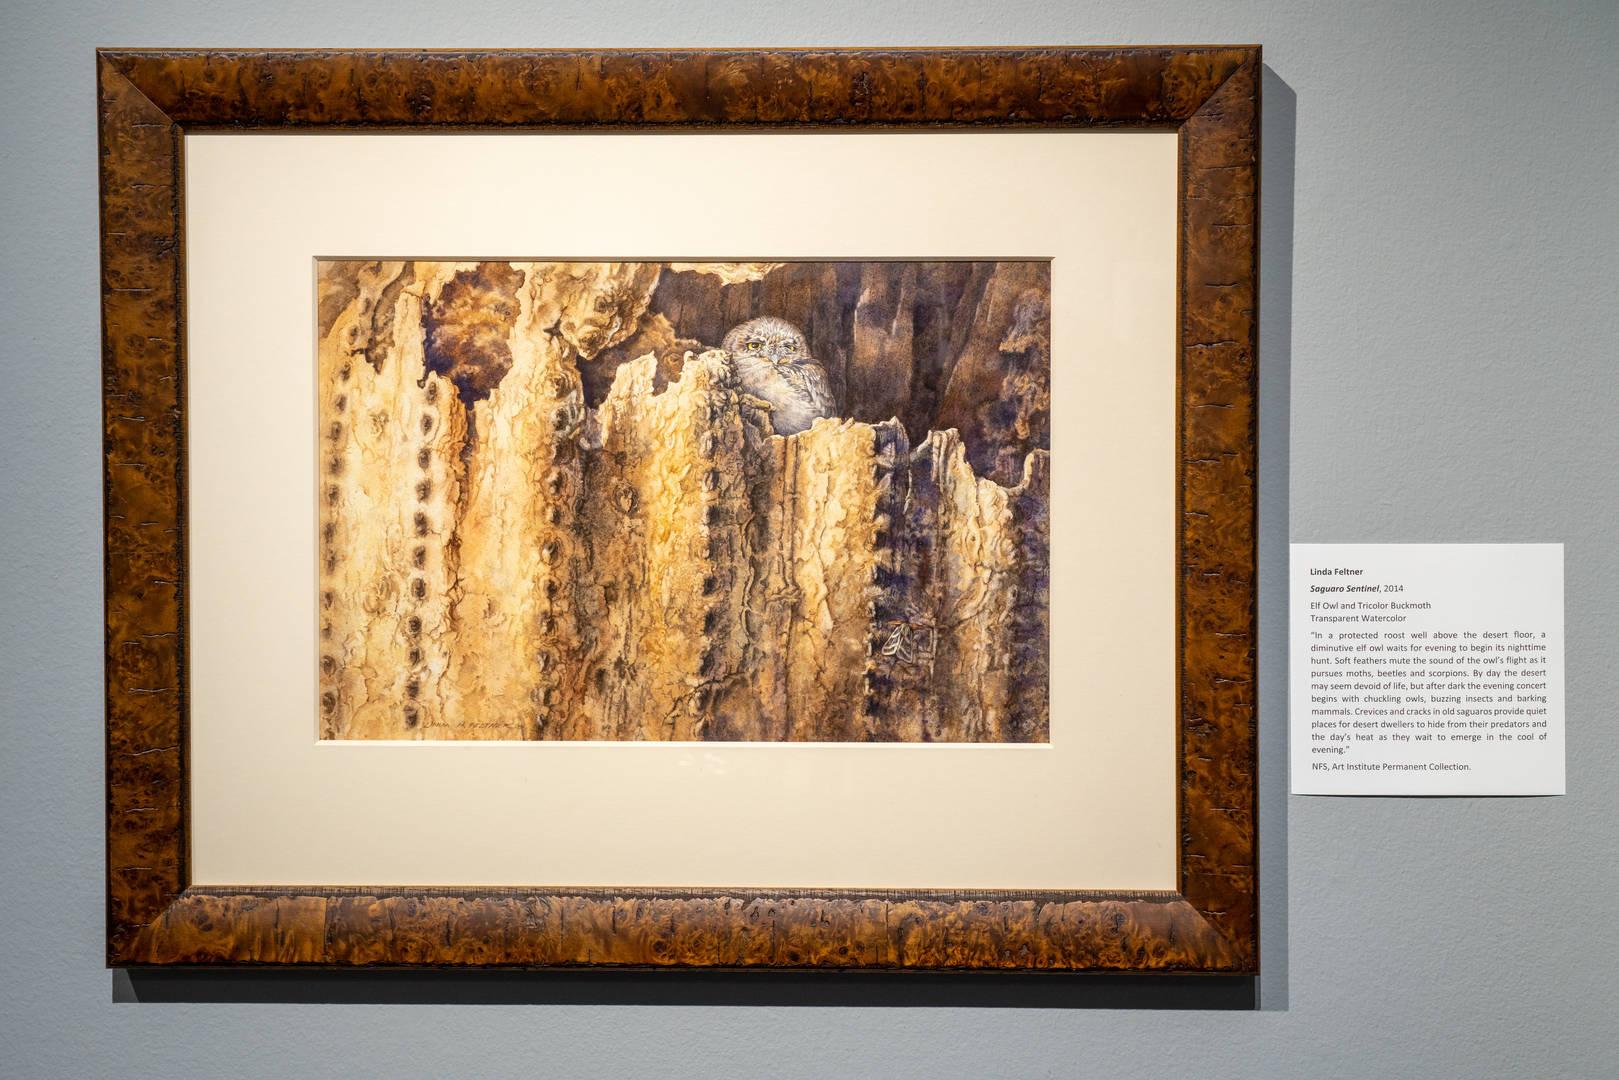 Saguaro Sentinel